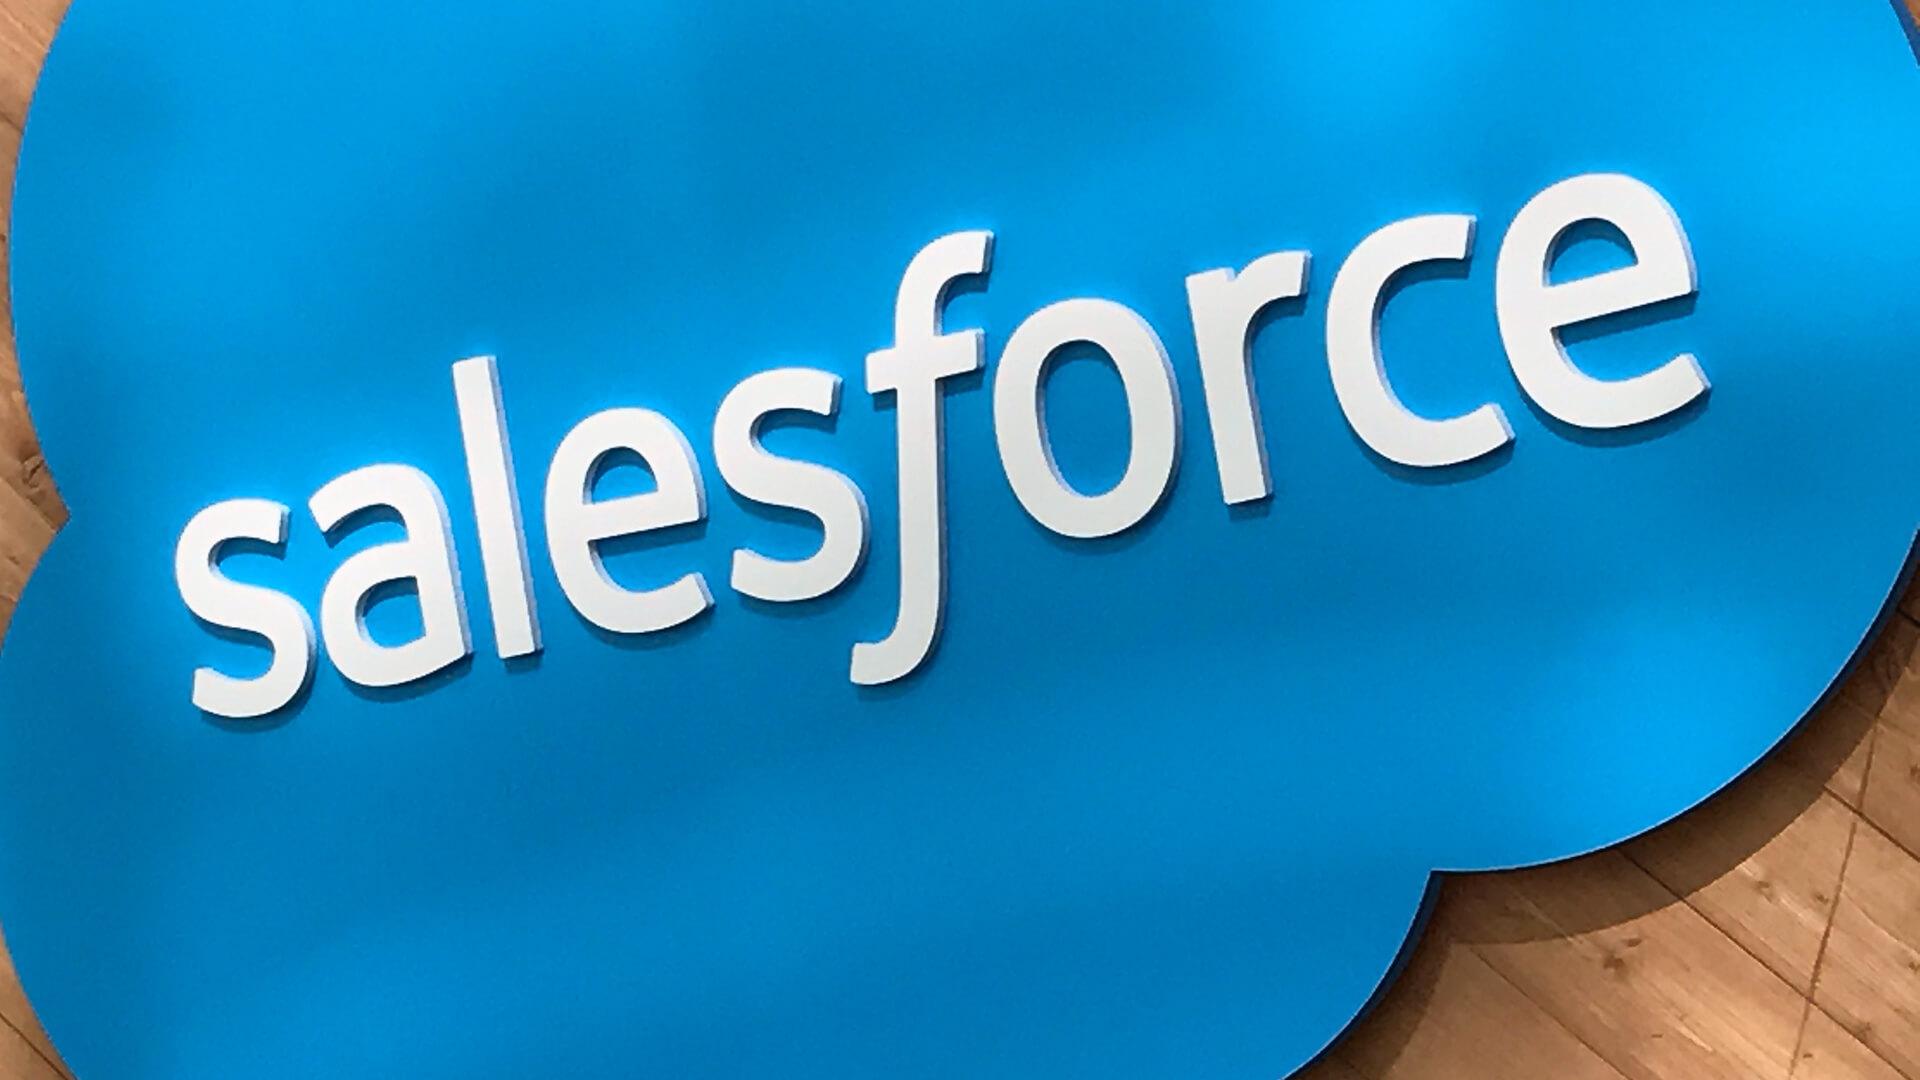 云计算公司Salesforce正研究基于区块链技术的产品